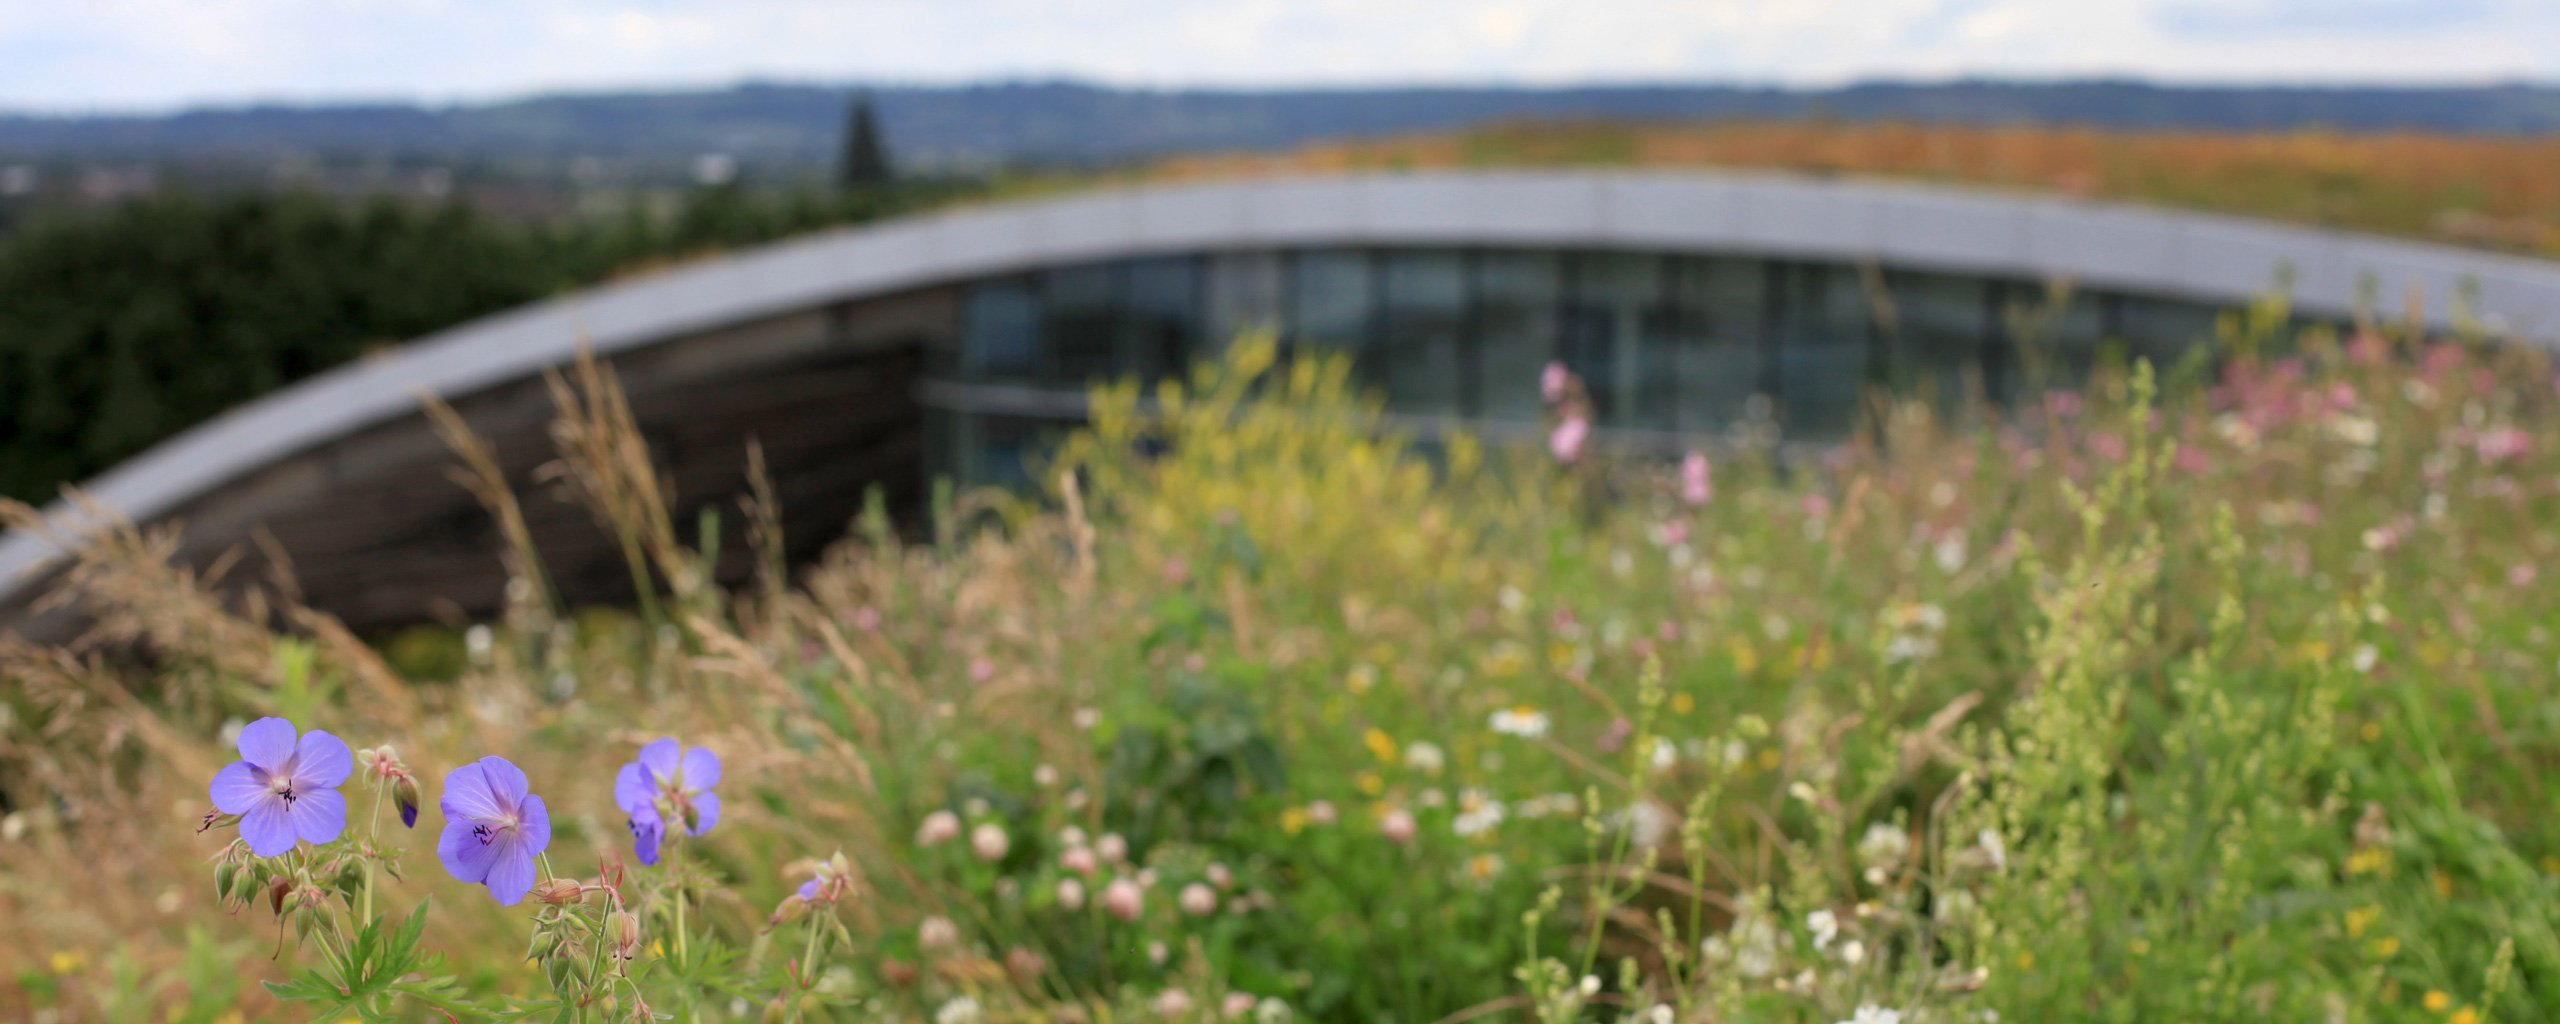 Refaire Un Toit D Abri De Jardin toit vegetal : étape par étape, avantages et inconvénients